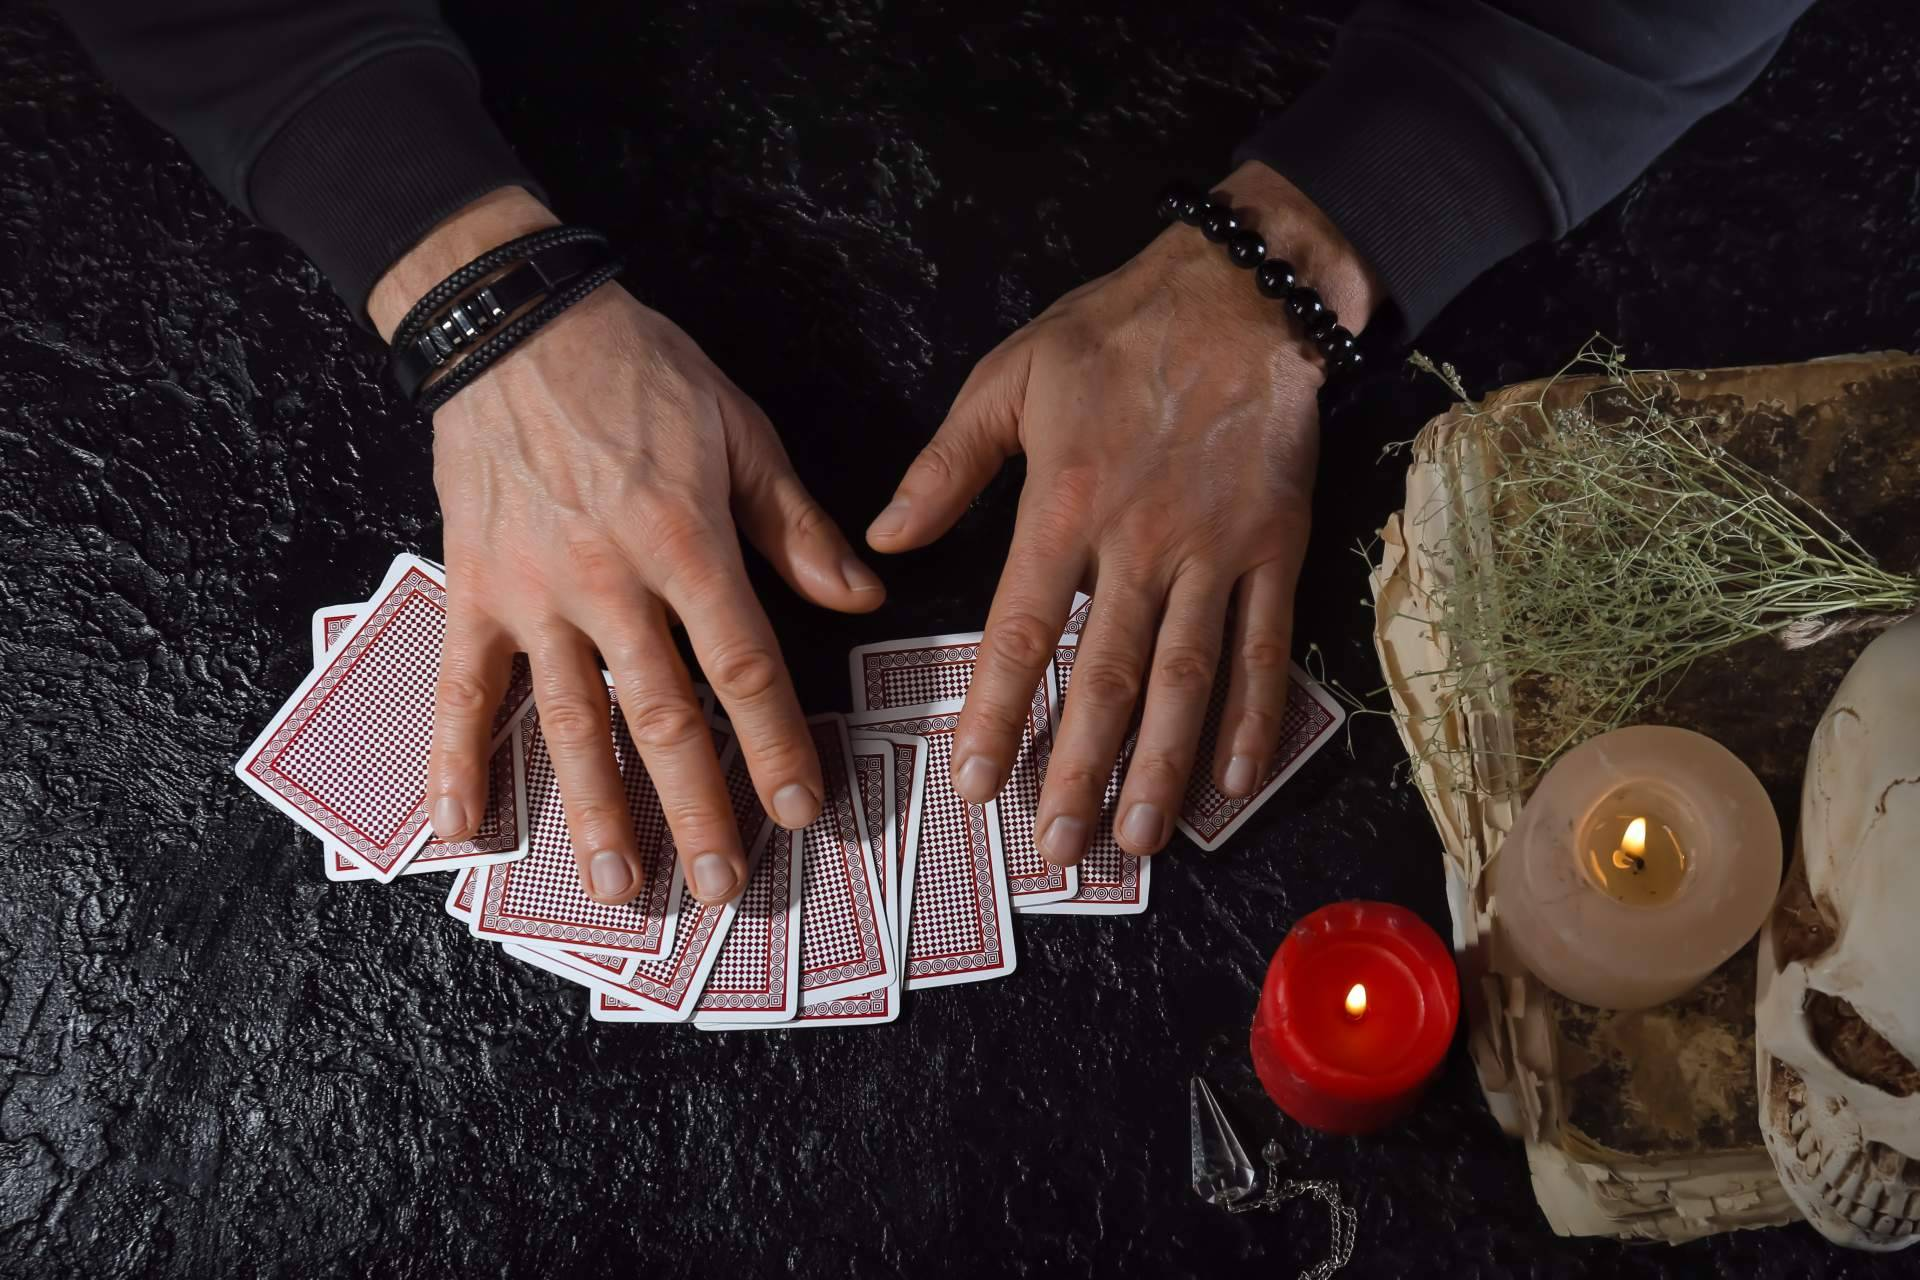 David y Ángelo, los profesionales del tarot y la videncia más reconocidos por ser videntes buenos y económicos